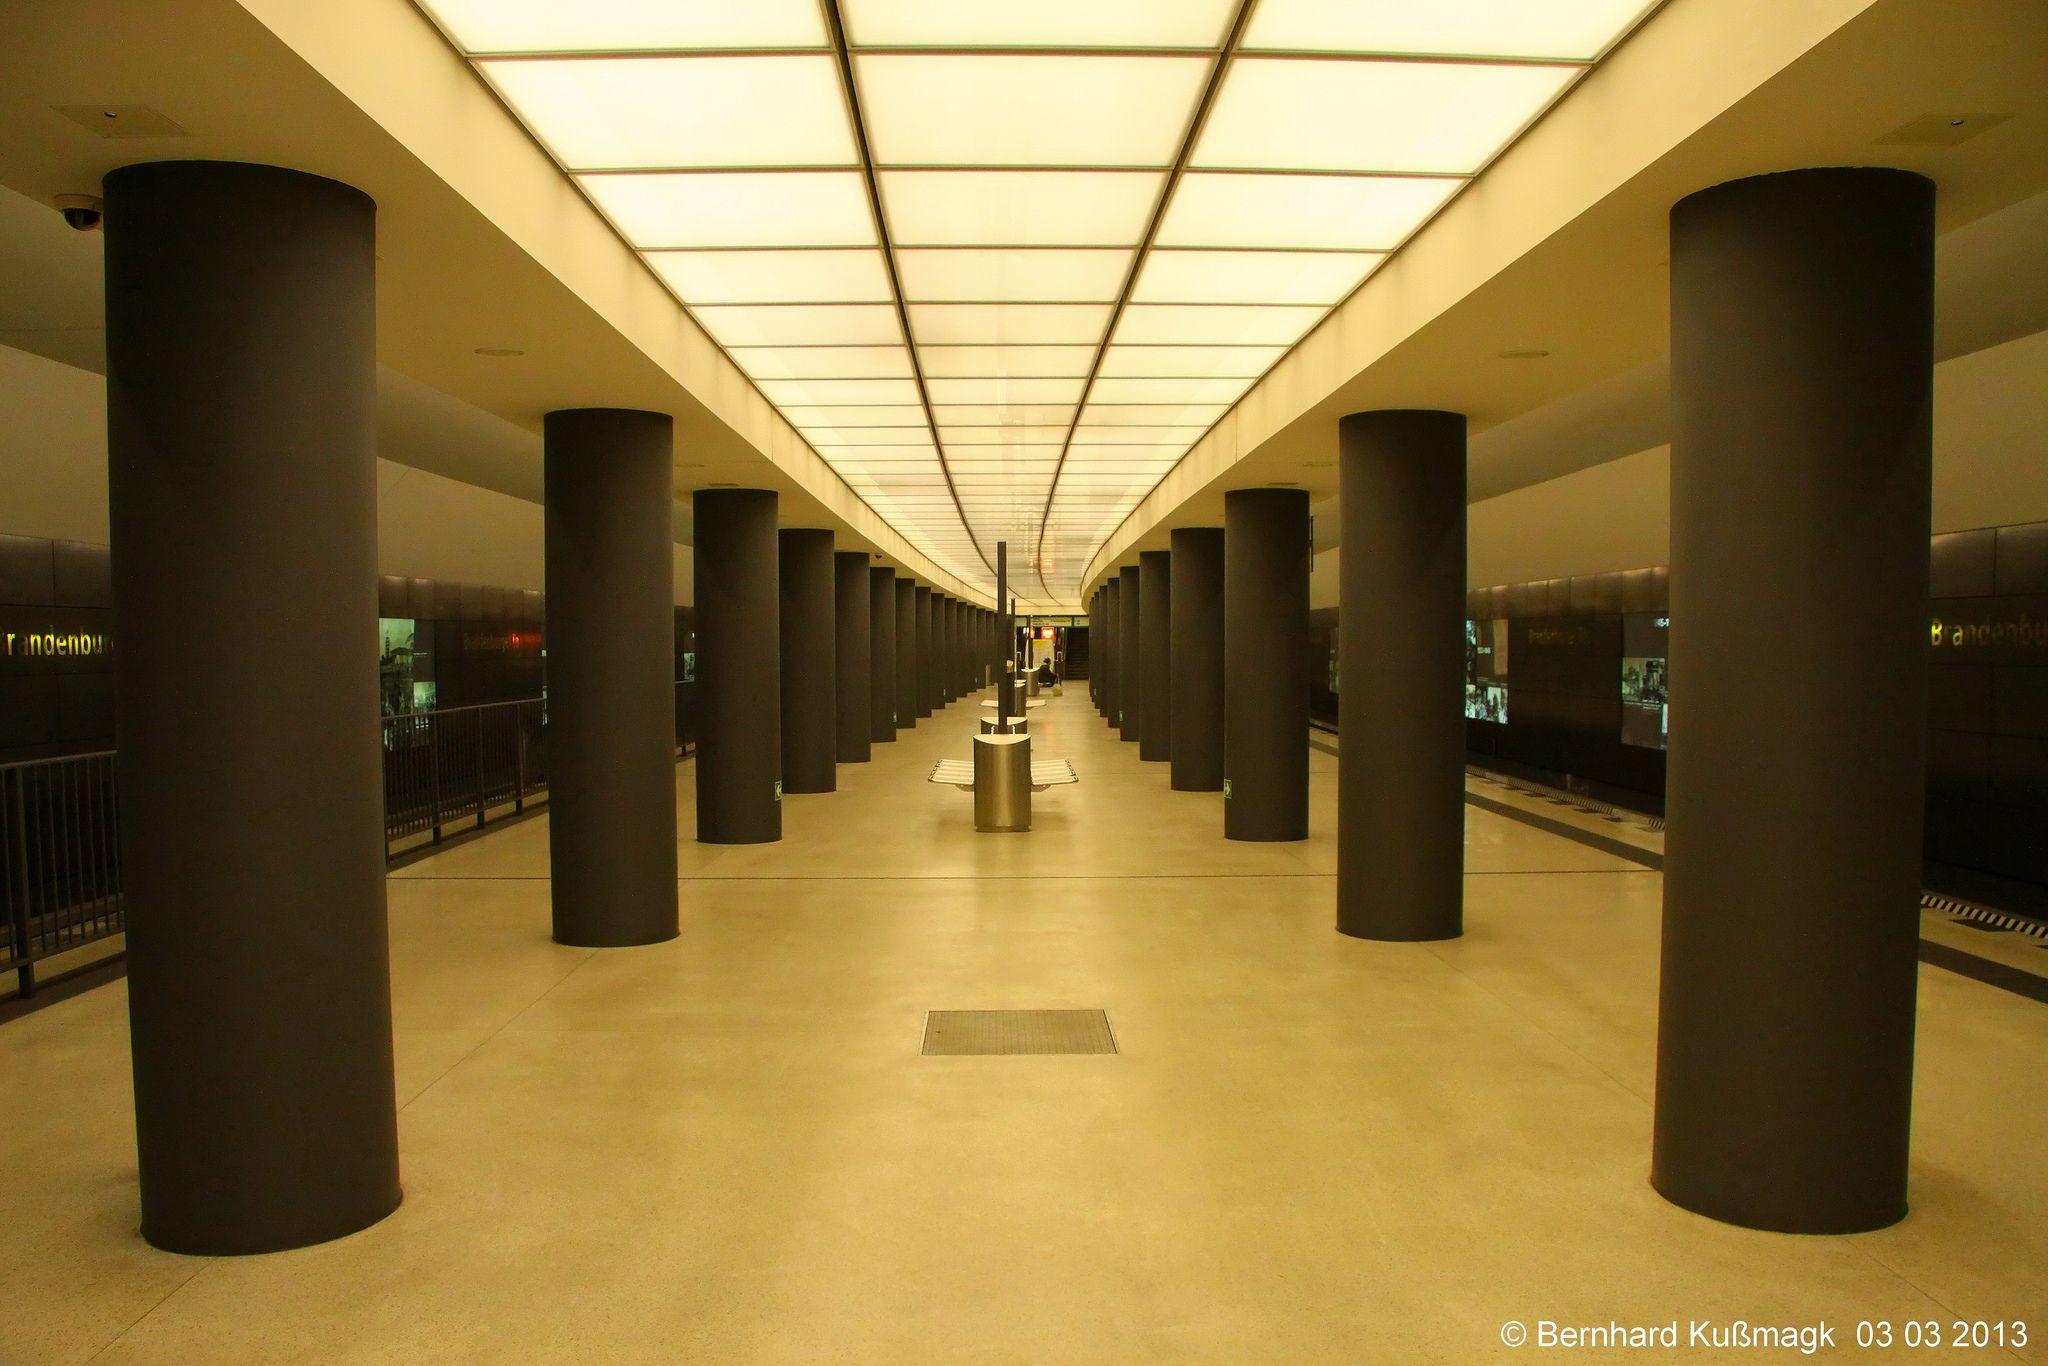 Europa Deutschland Berlin Mitte U Bahnhof Brandenburger Tor U Bahn Linie U55 Berlin Stairs Underground